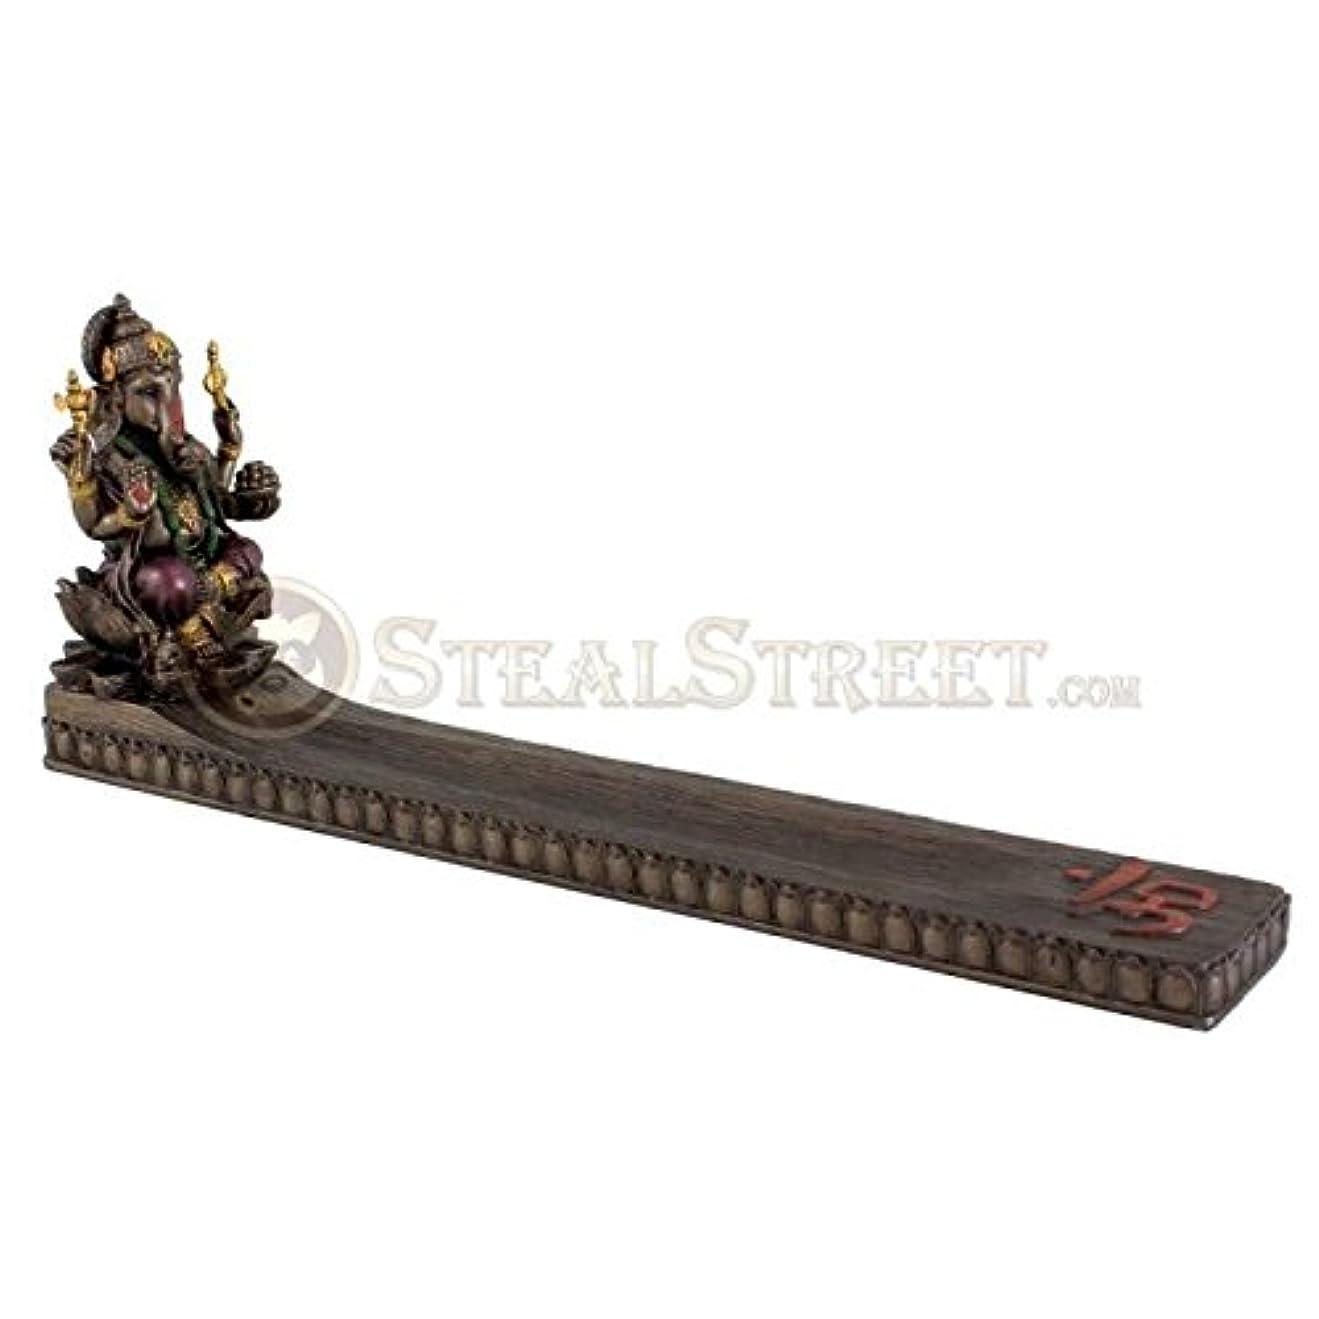 二度あなたが良くなります何Hindu God Ganesha Incense Holder Incense Burner Ganesh